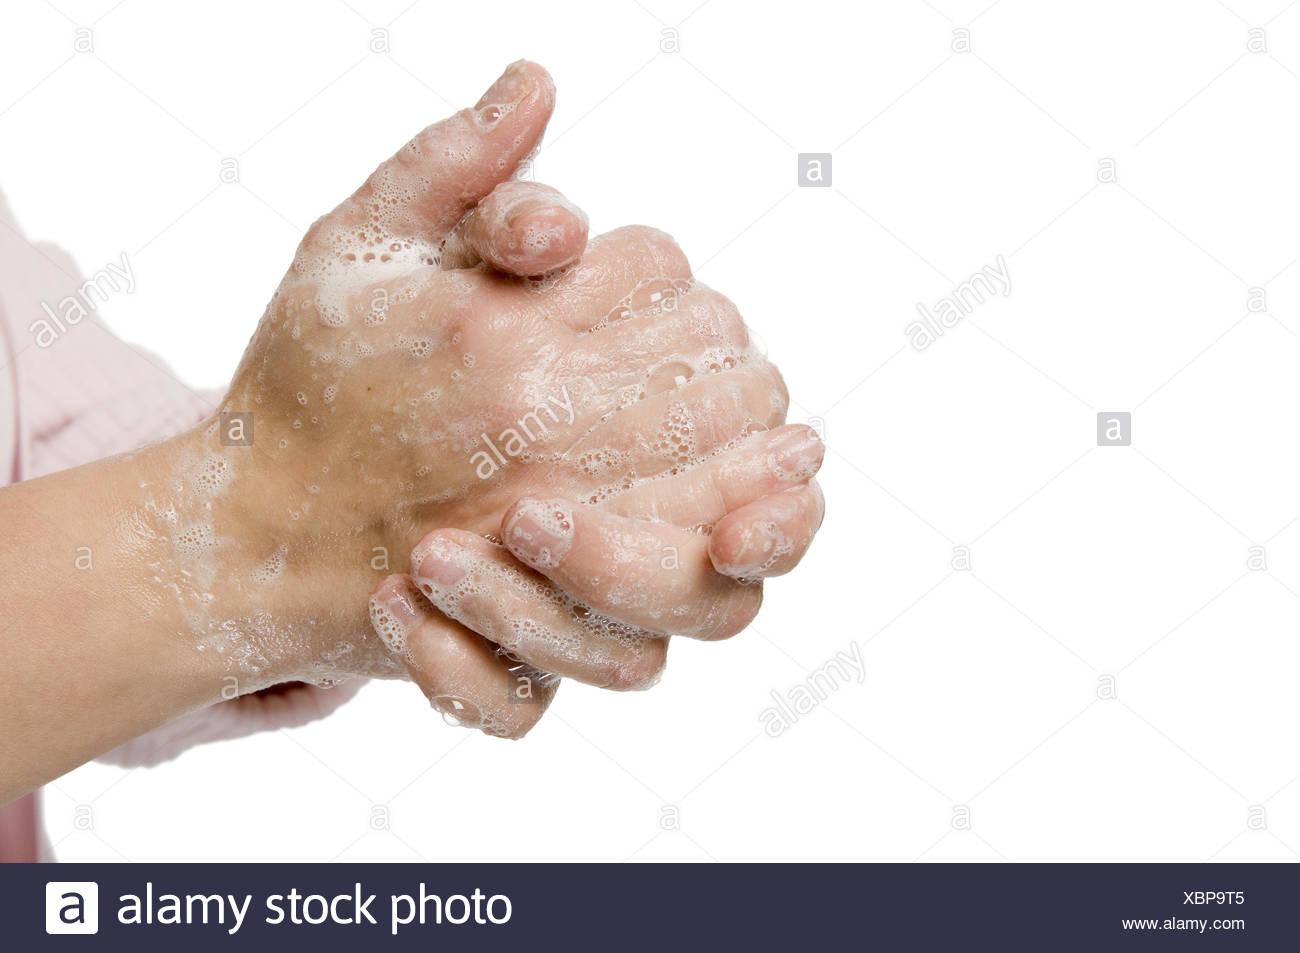 hand washing Stock Photo